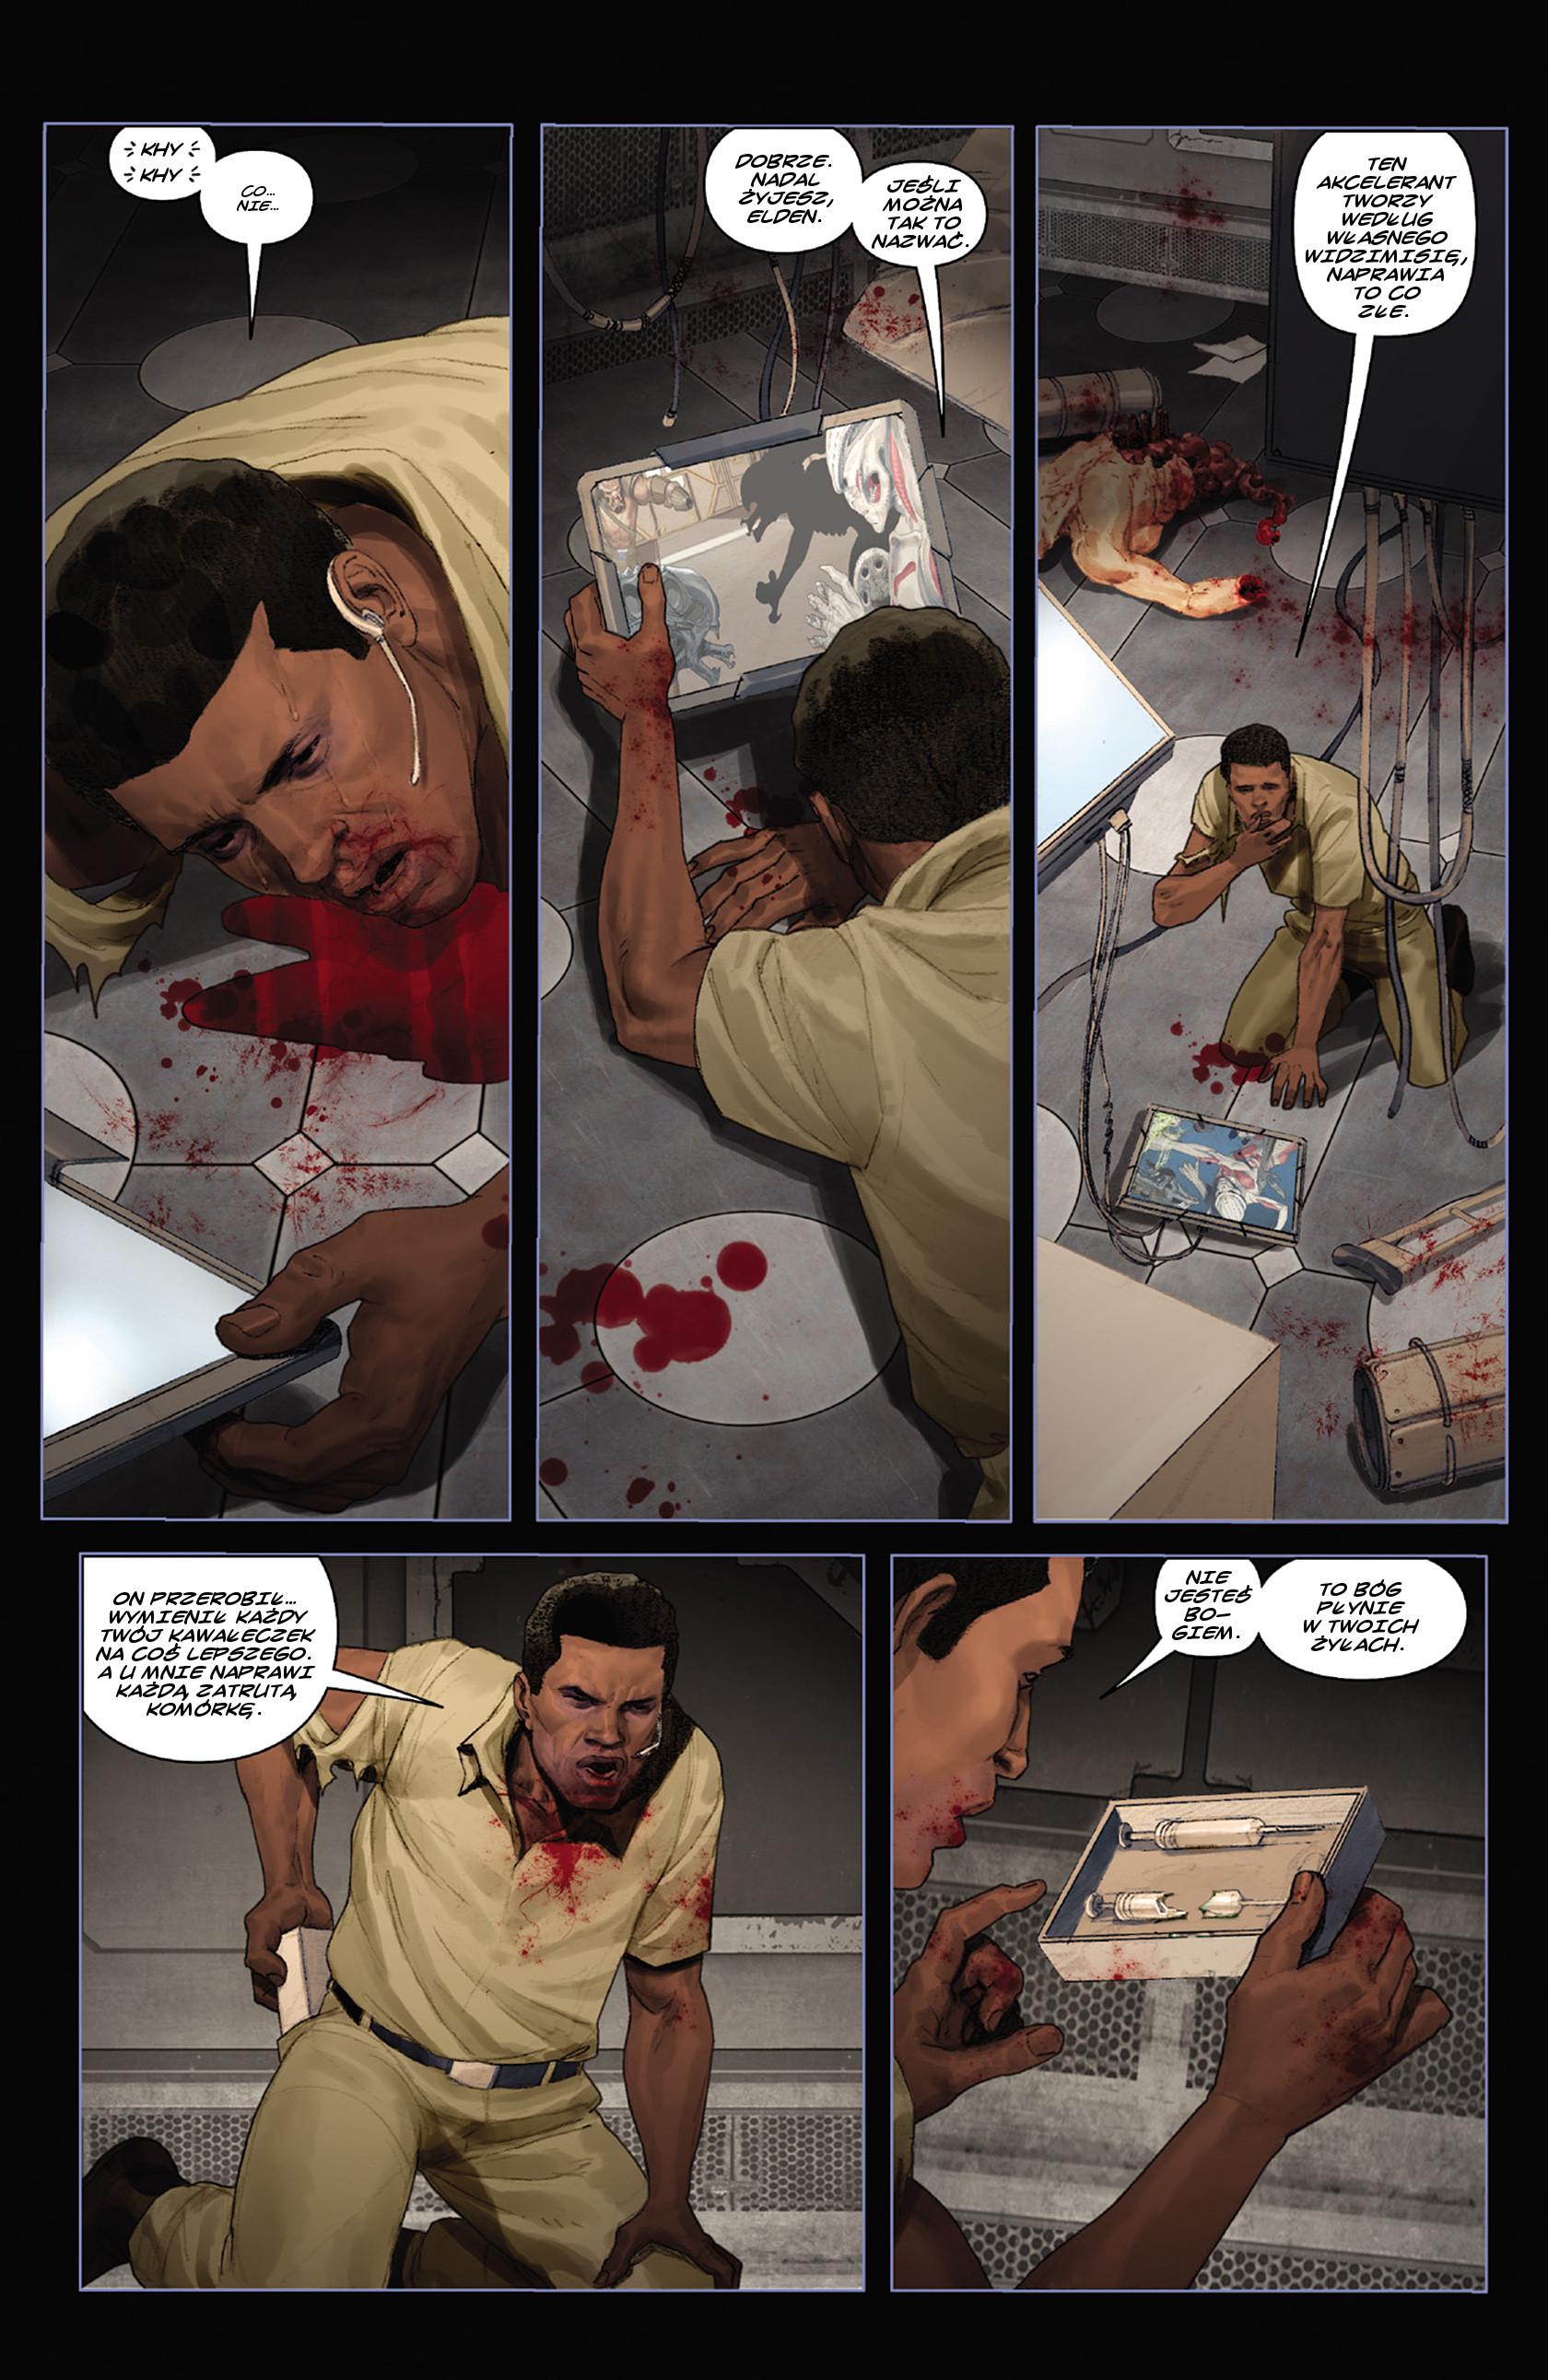 Read online Alien vs. Predator: Fire and Stone comic -  Issue #3 - 12